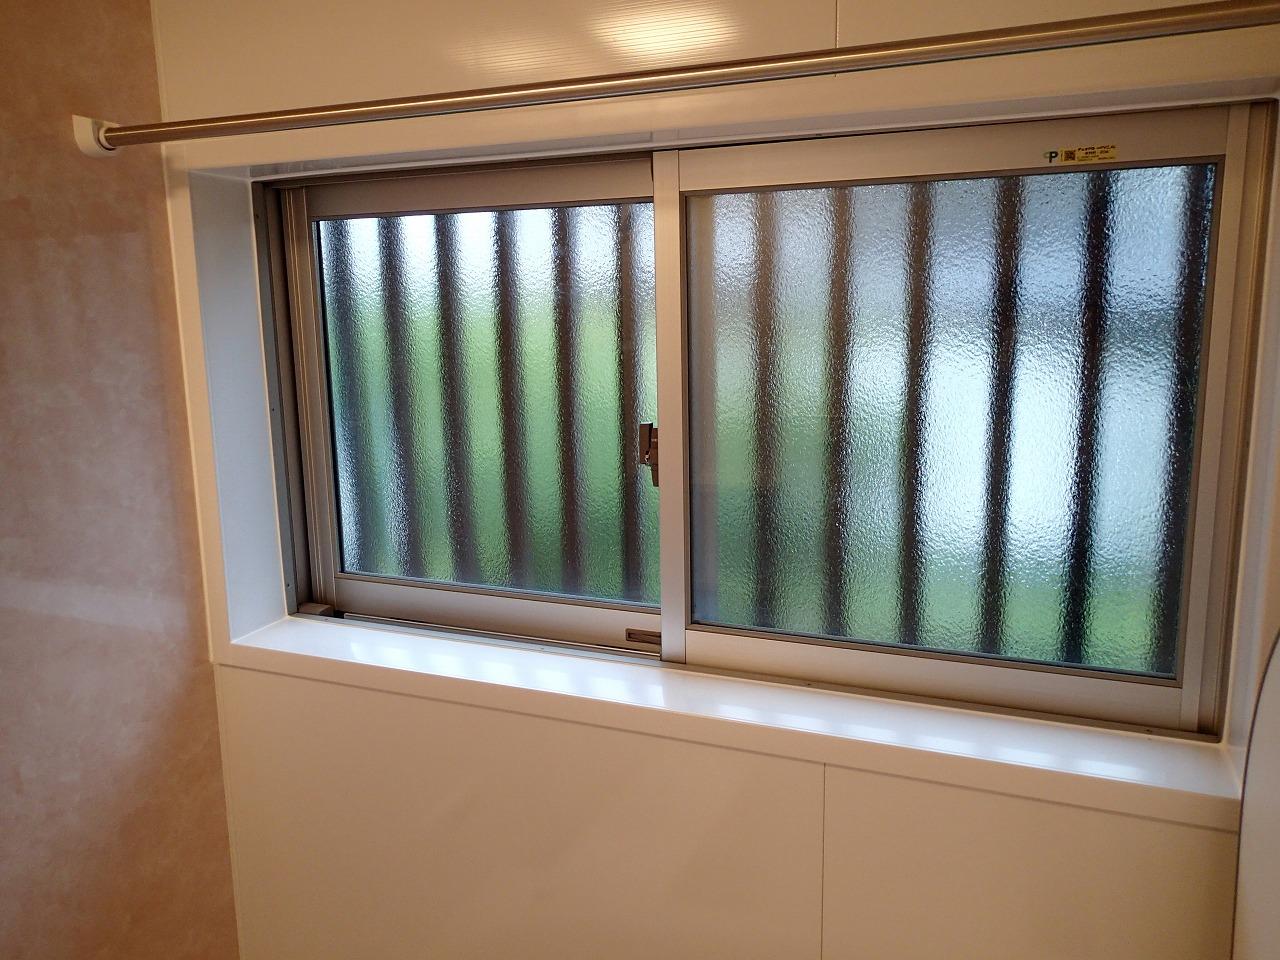 ペアガラス仕様の窓へ取替。断熱性能も見た目も向上しました。